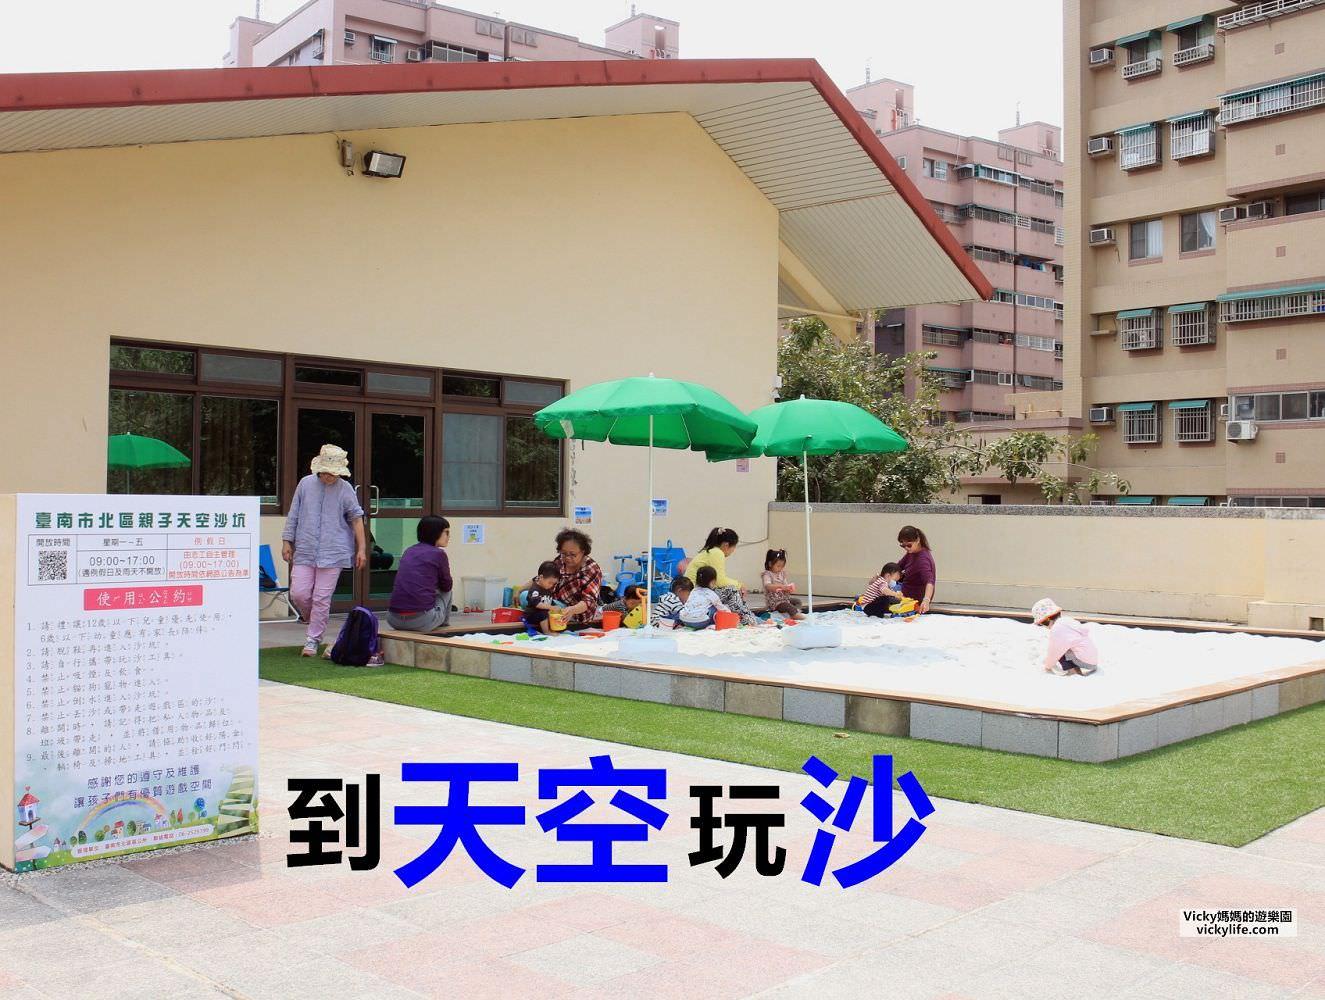 台南旅遊景點︱台南第一座天空沙坑:親子樂活趣,白沙坑、綠草地,就是心曠神怡